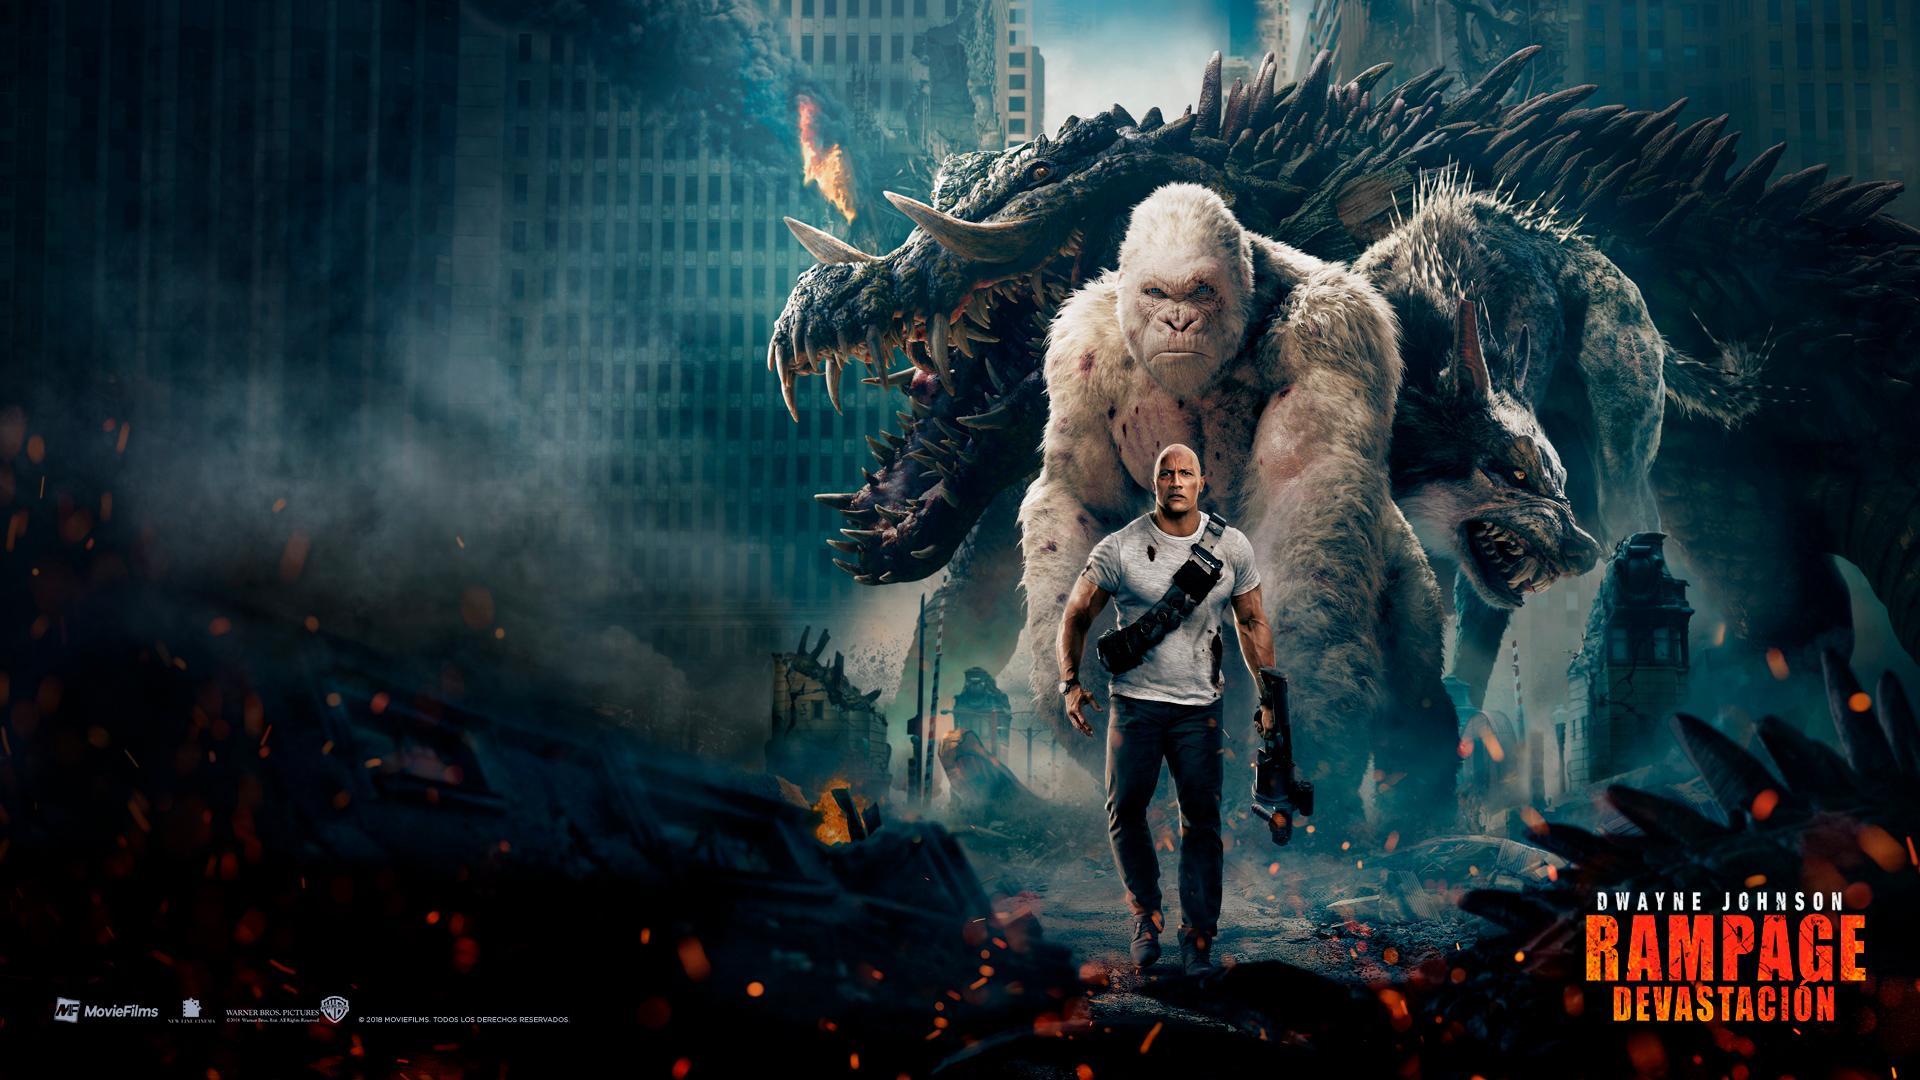 Rampage Movie Hd Wallpapers Download 1080p: Rampage Devastación